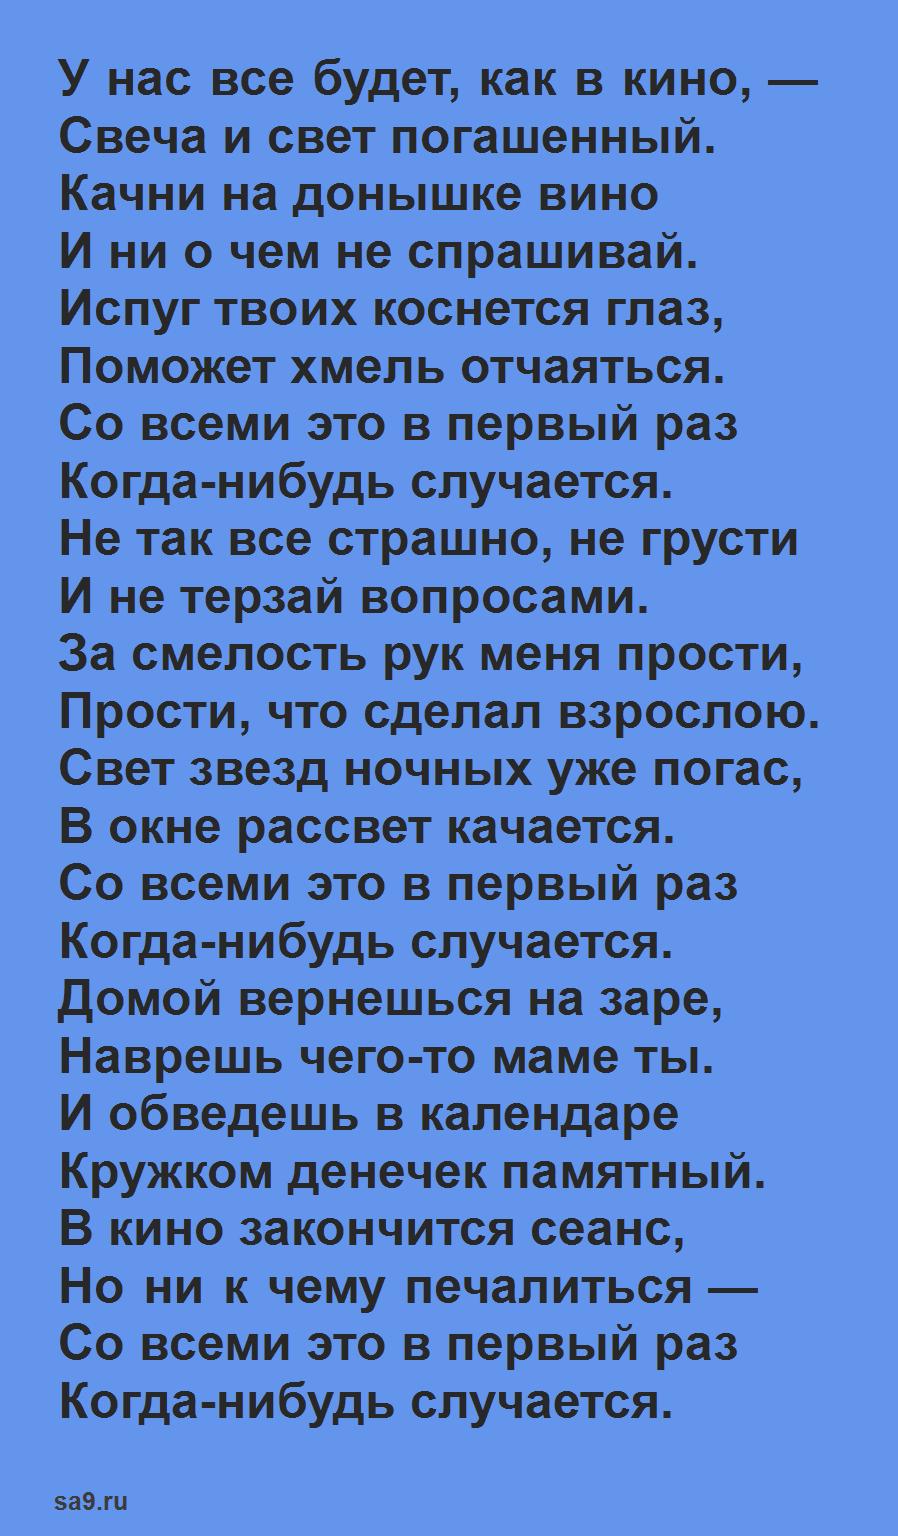 Стихи Рубальской о дне рождения женщине - С днем рождения женщине